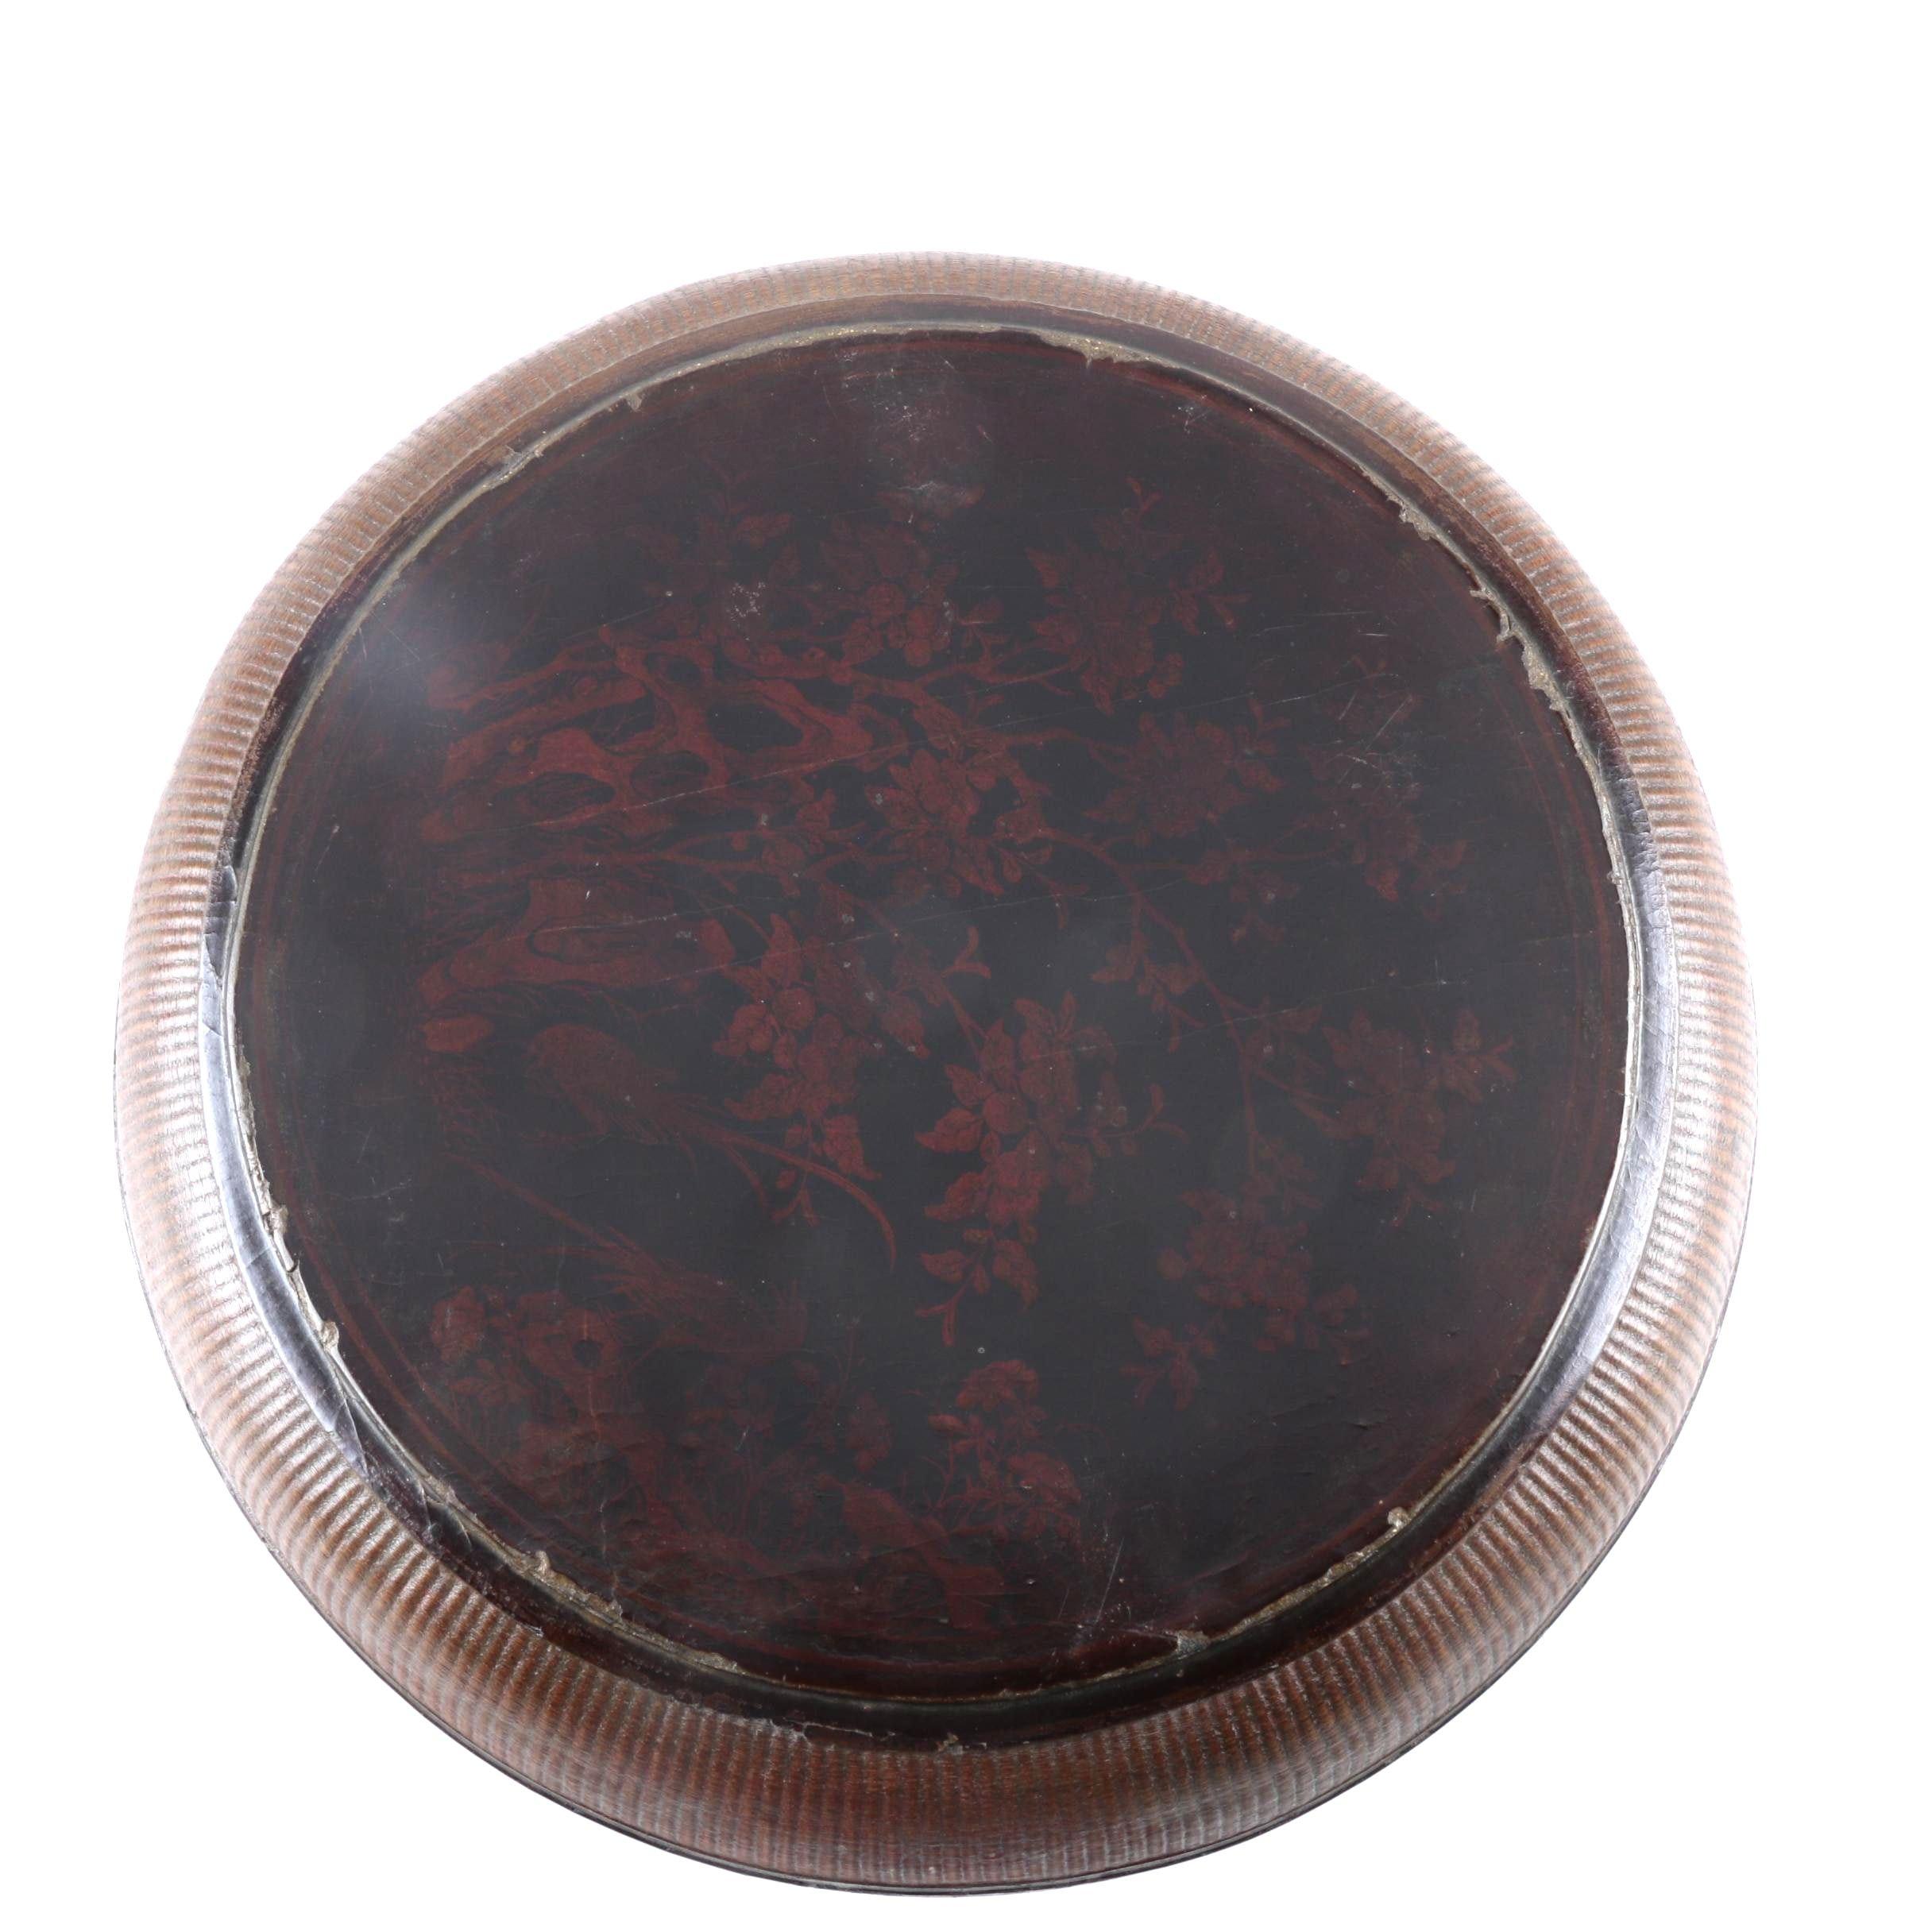 East Asian Brown Wooden Dumpling Warmer